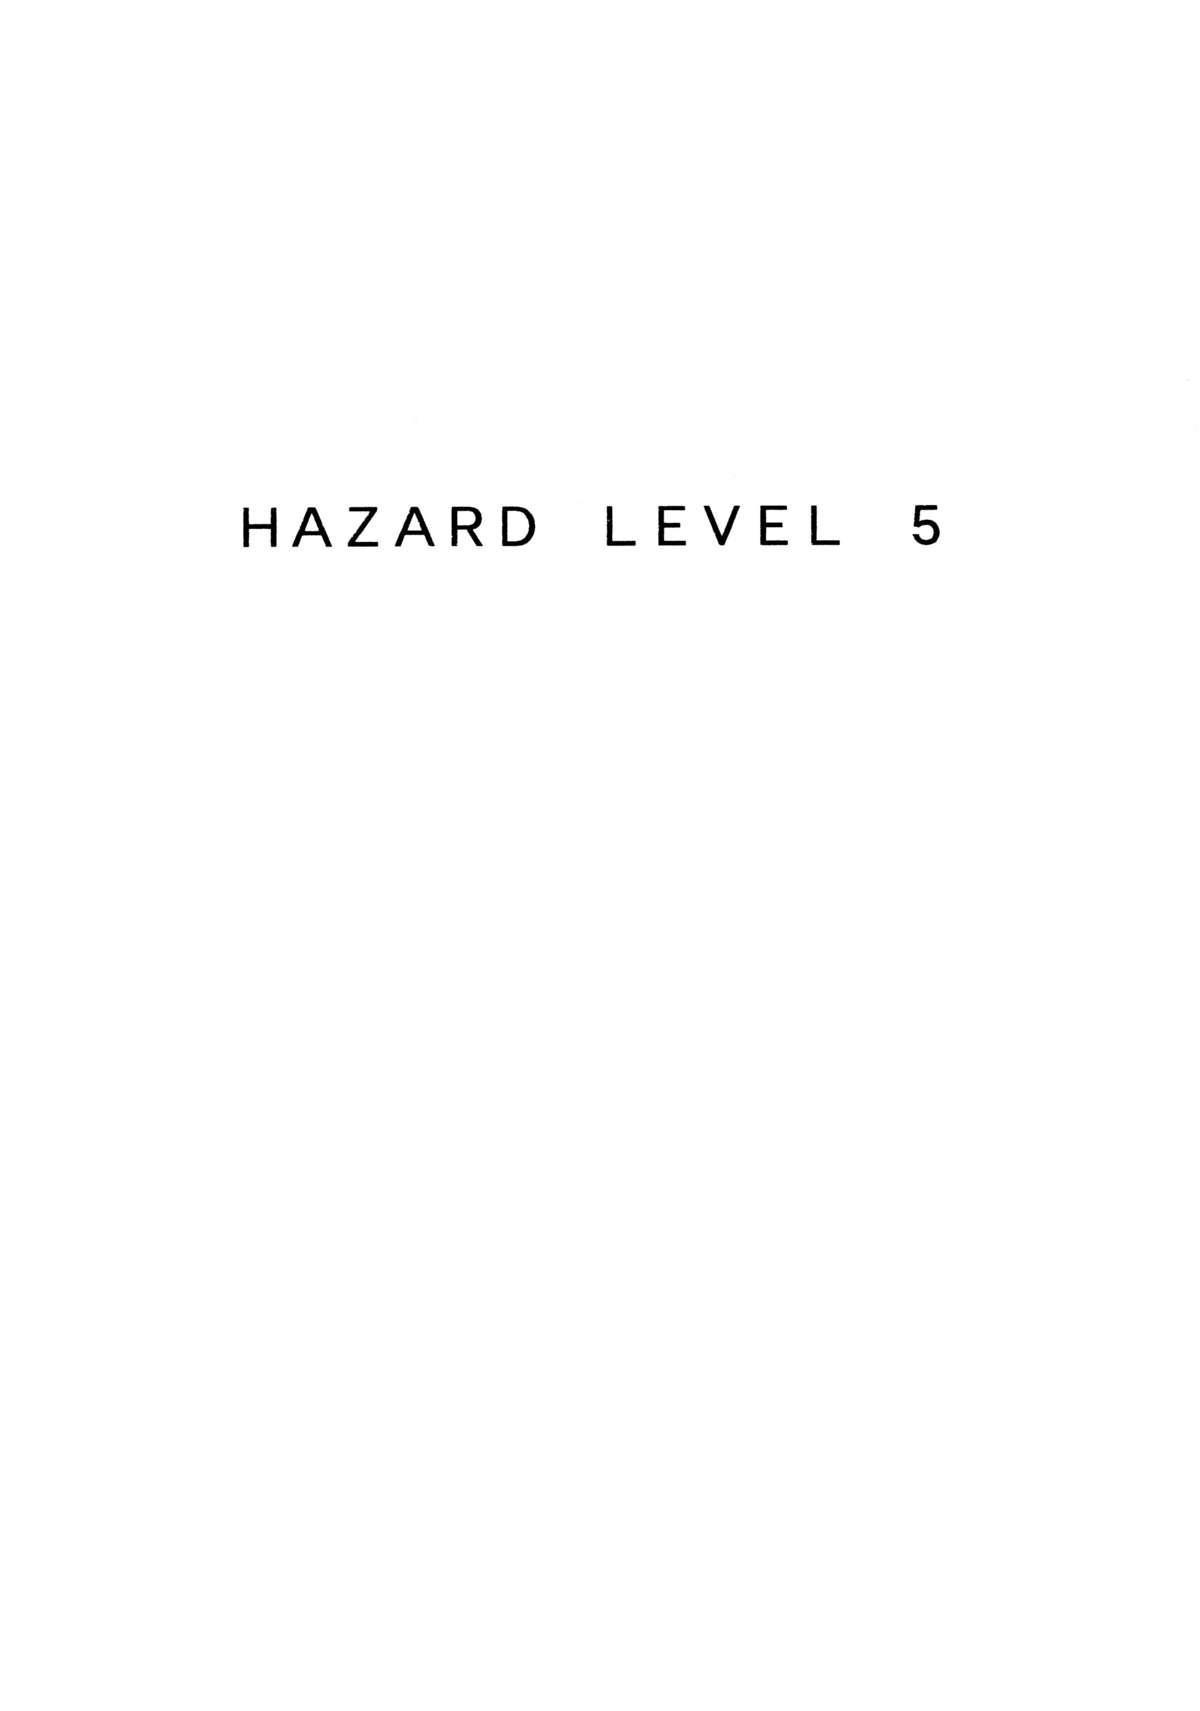 HAZARD LEVEL 5 1